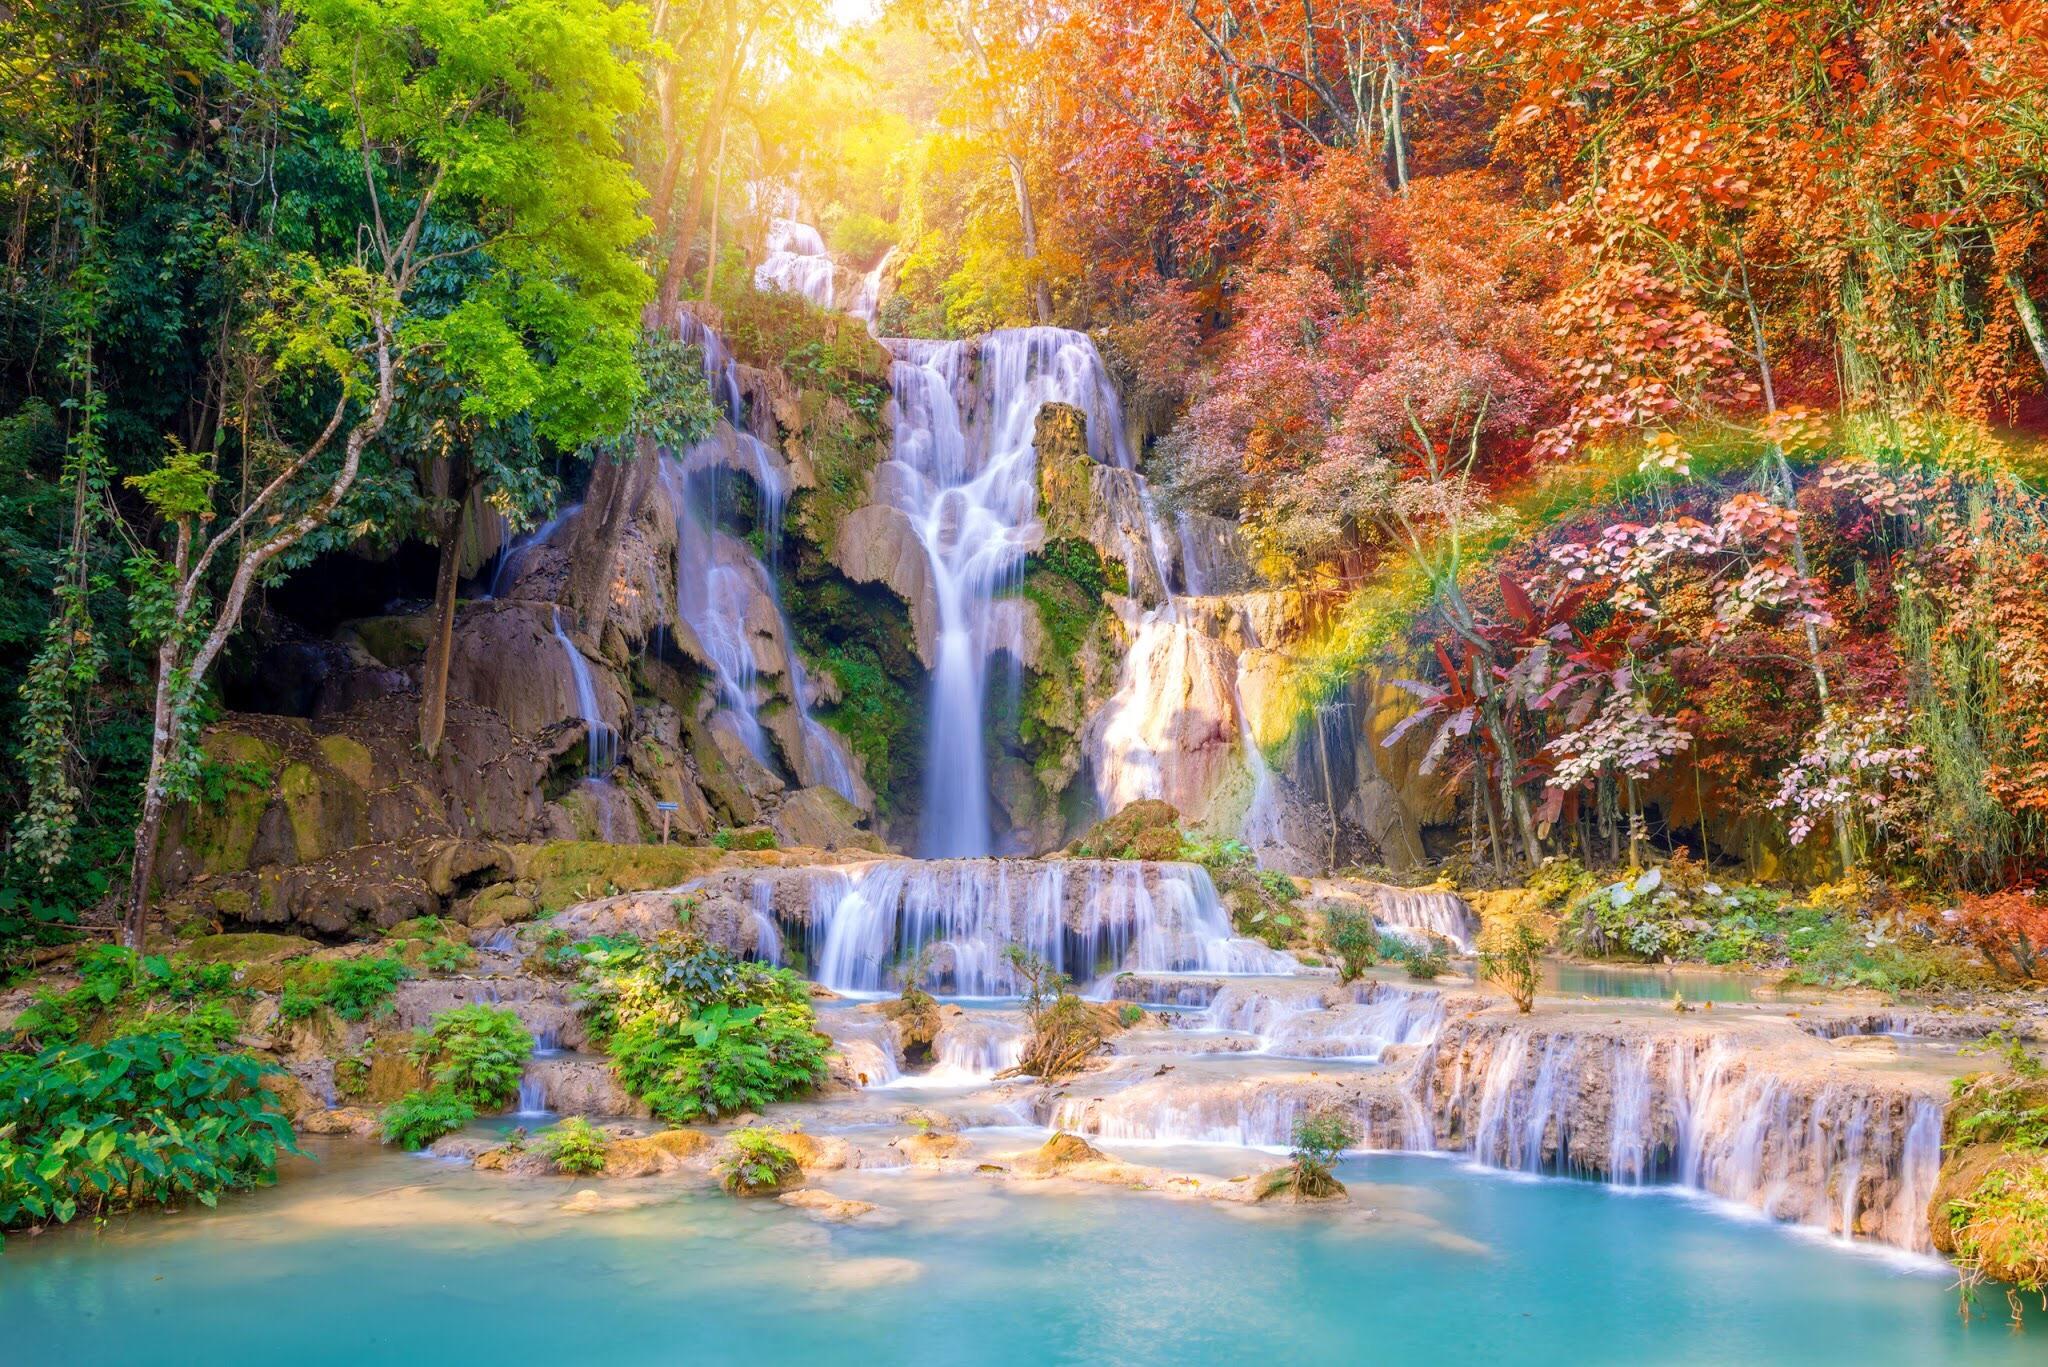 Hình ảnh thác nước mùa thu đẹp nhất